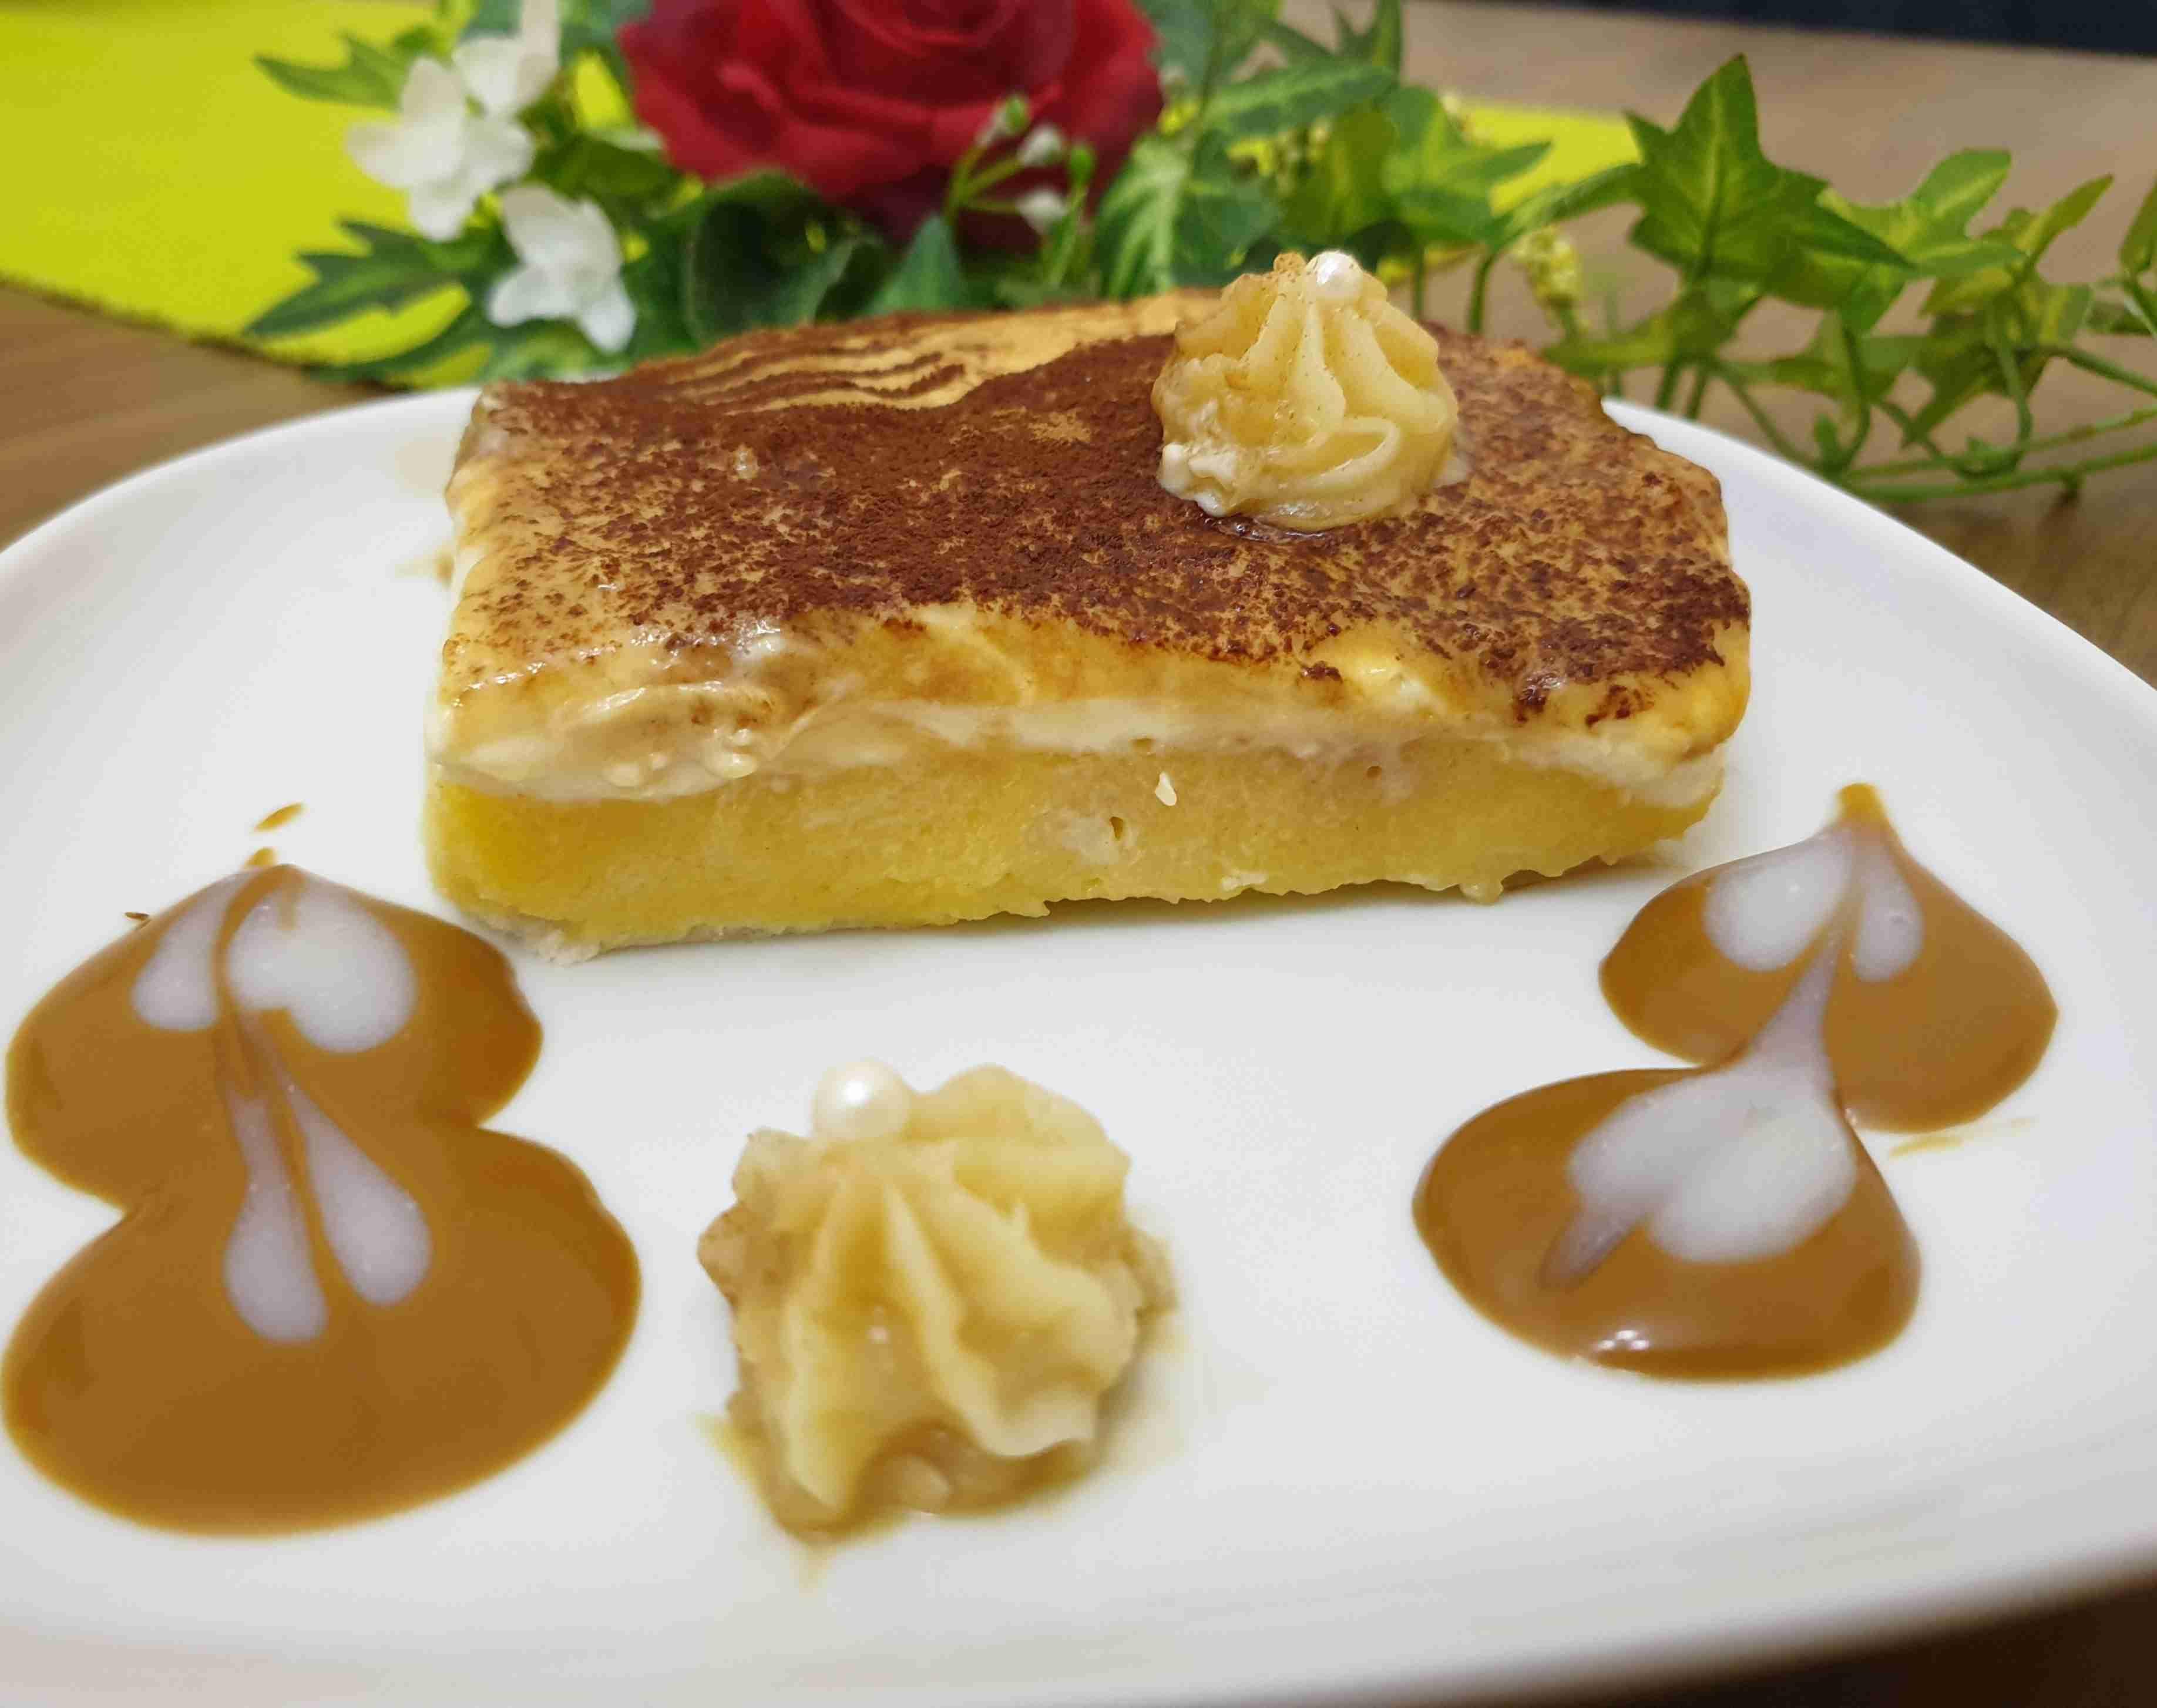 حلى التوست من أروع و ألذ الحلى البارد ملكة الحلويات البارده ١ زاكي Recipe Desserts Food Yummy